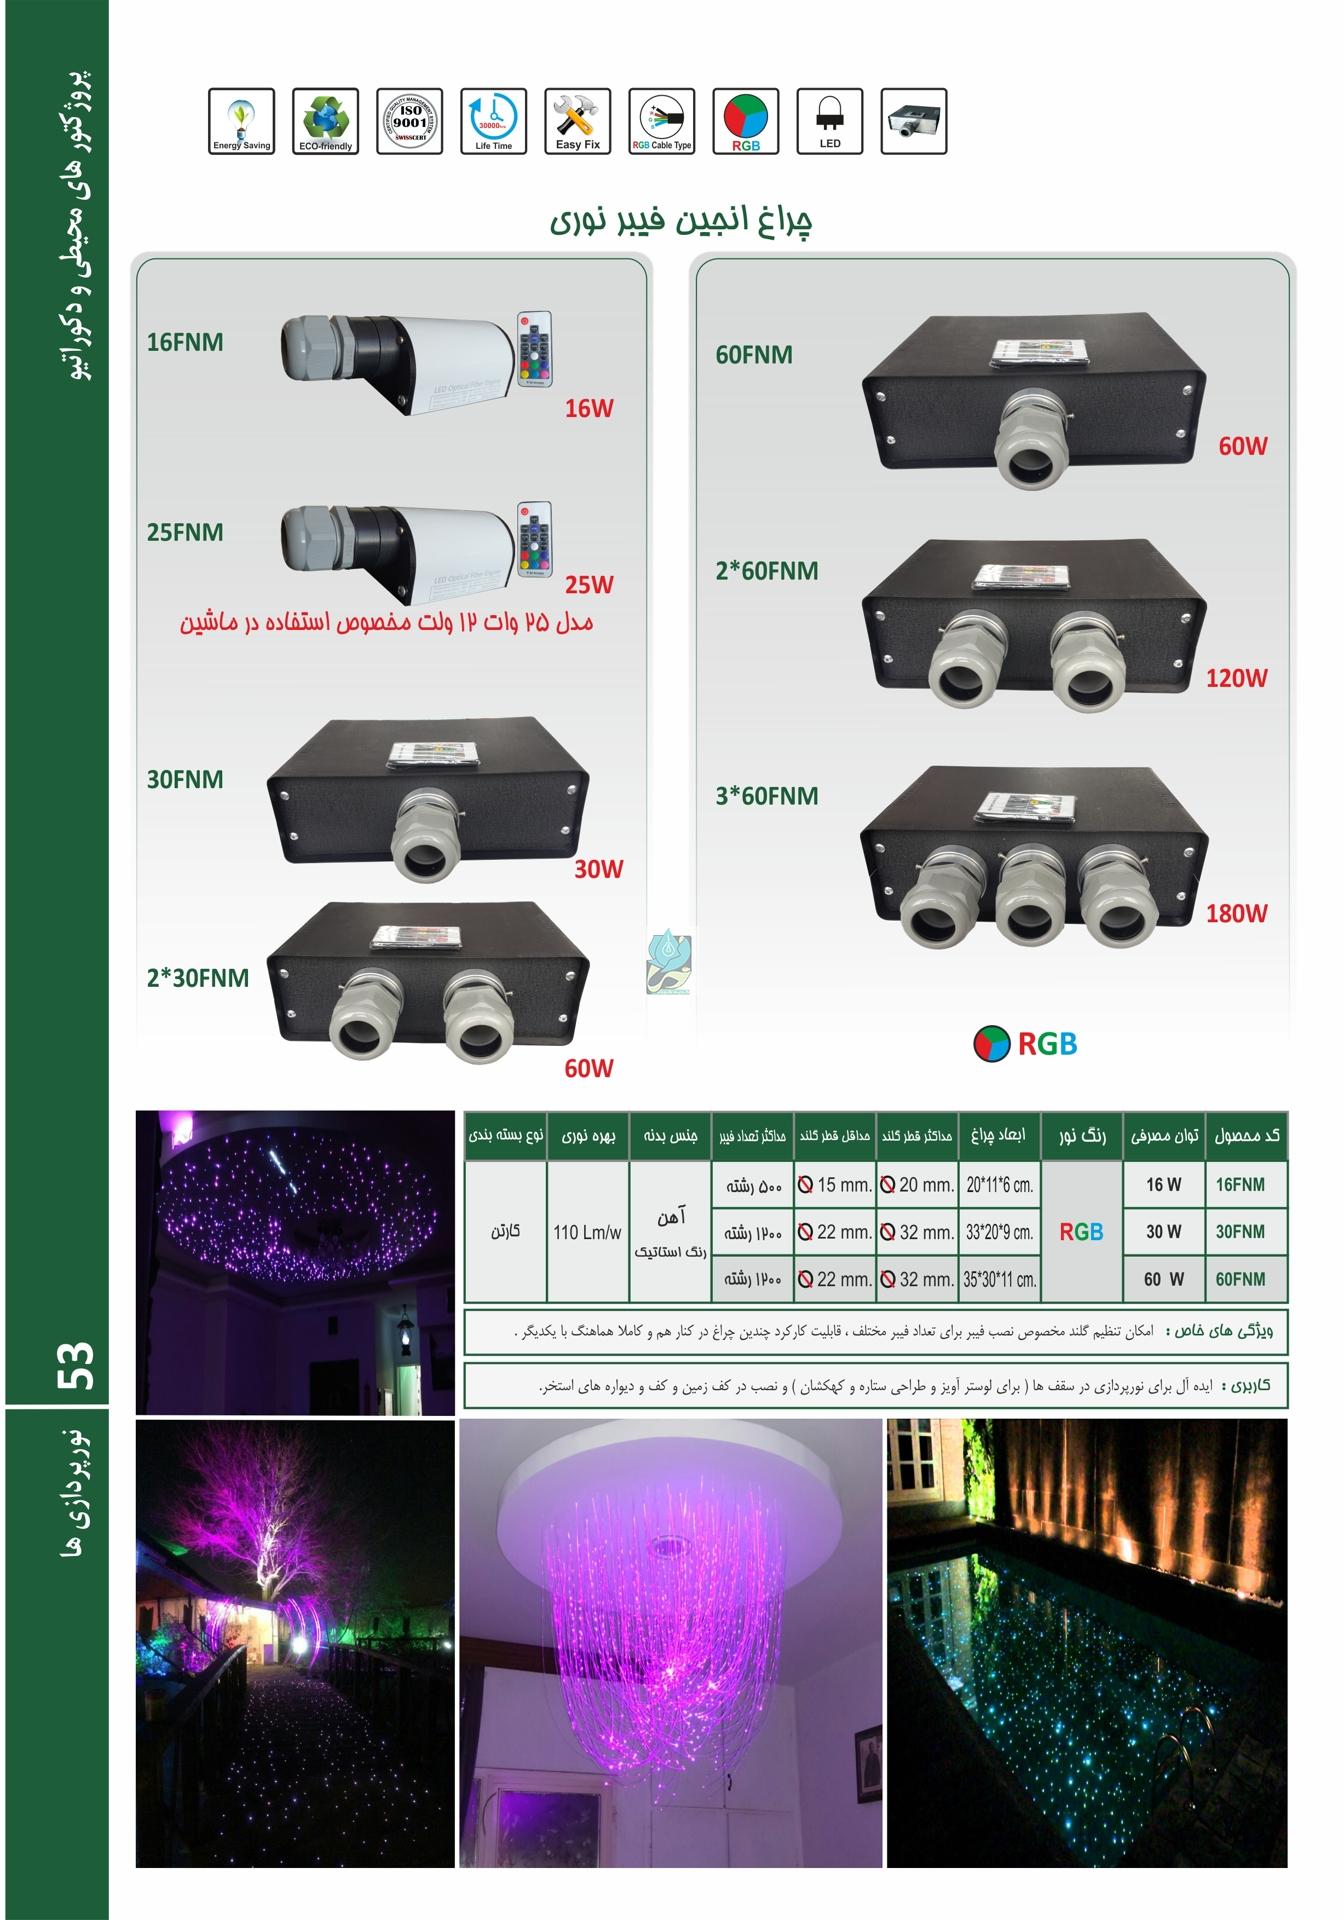 قیمت چراغ انجین فیبر نوری تک رنگ 16 وات -قیمت چراغ انجین - قیمت چراغ انجین فیبر نوری - قیمت چراغ انجین فیبر نوری